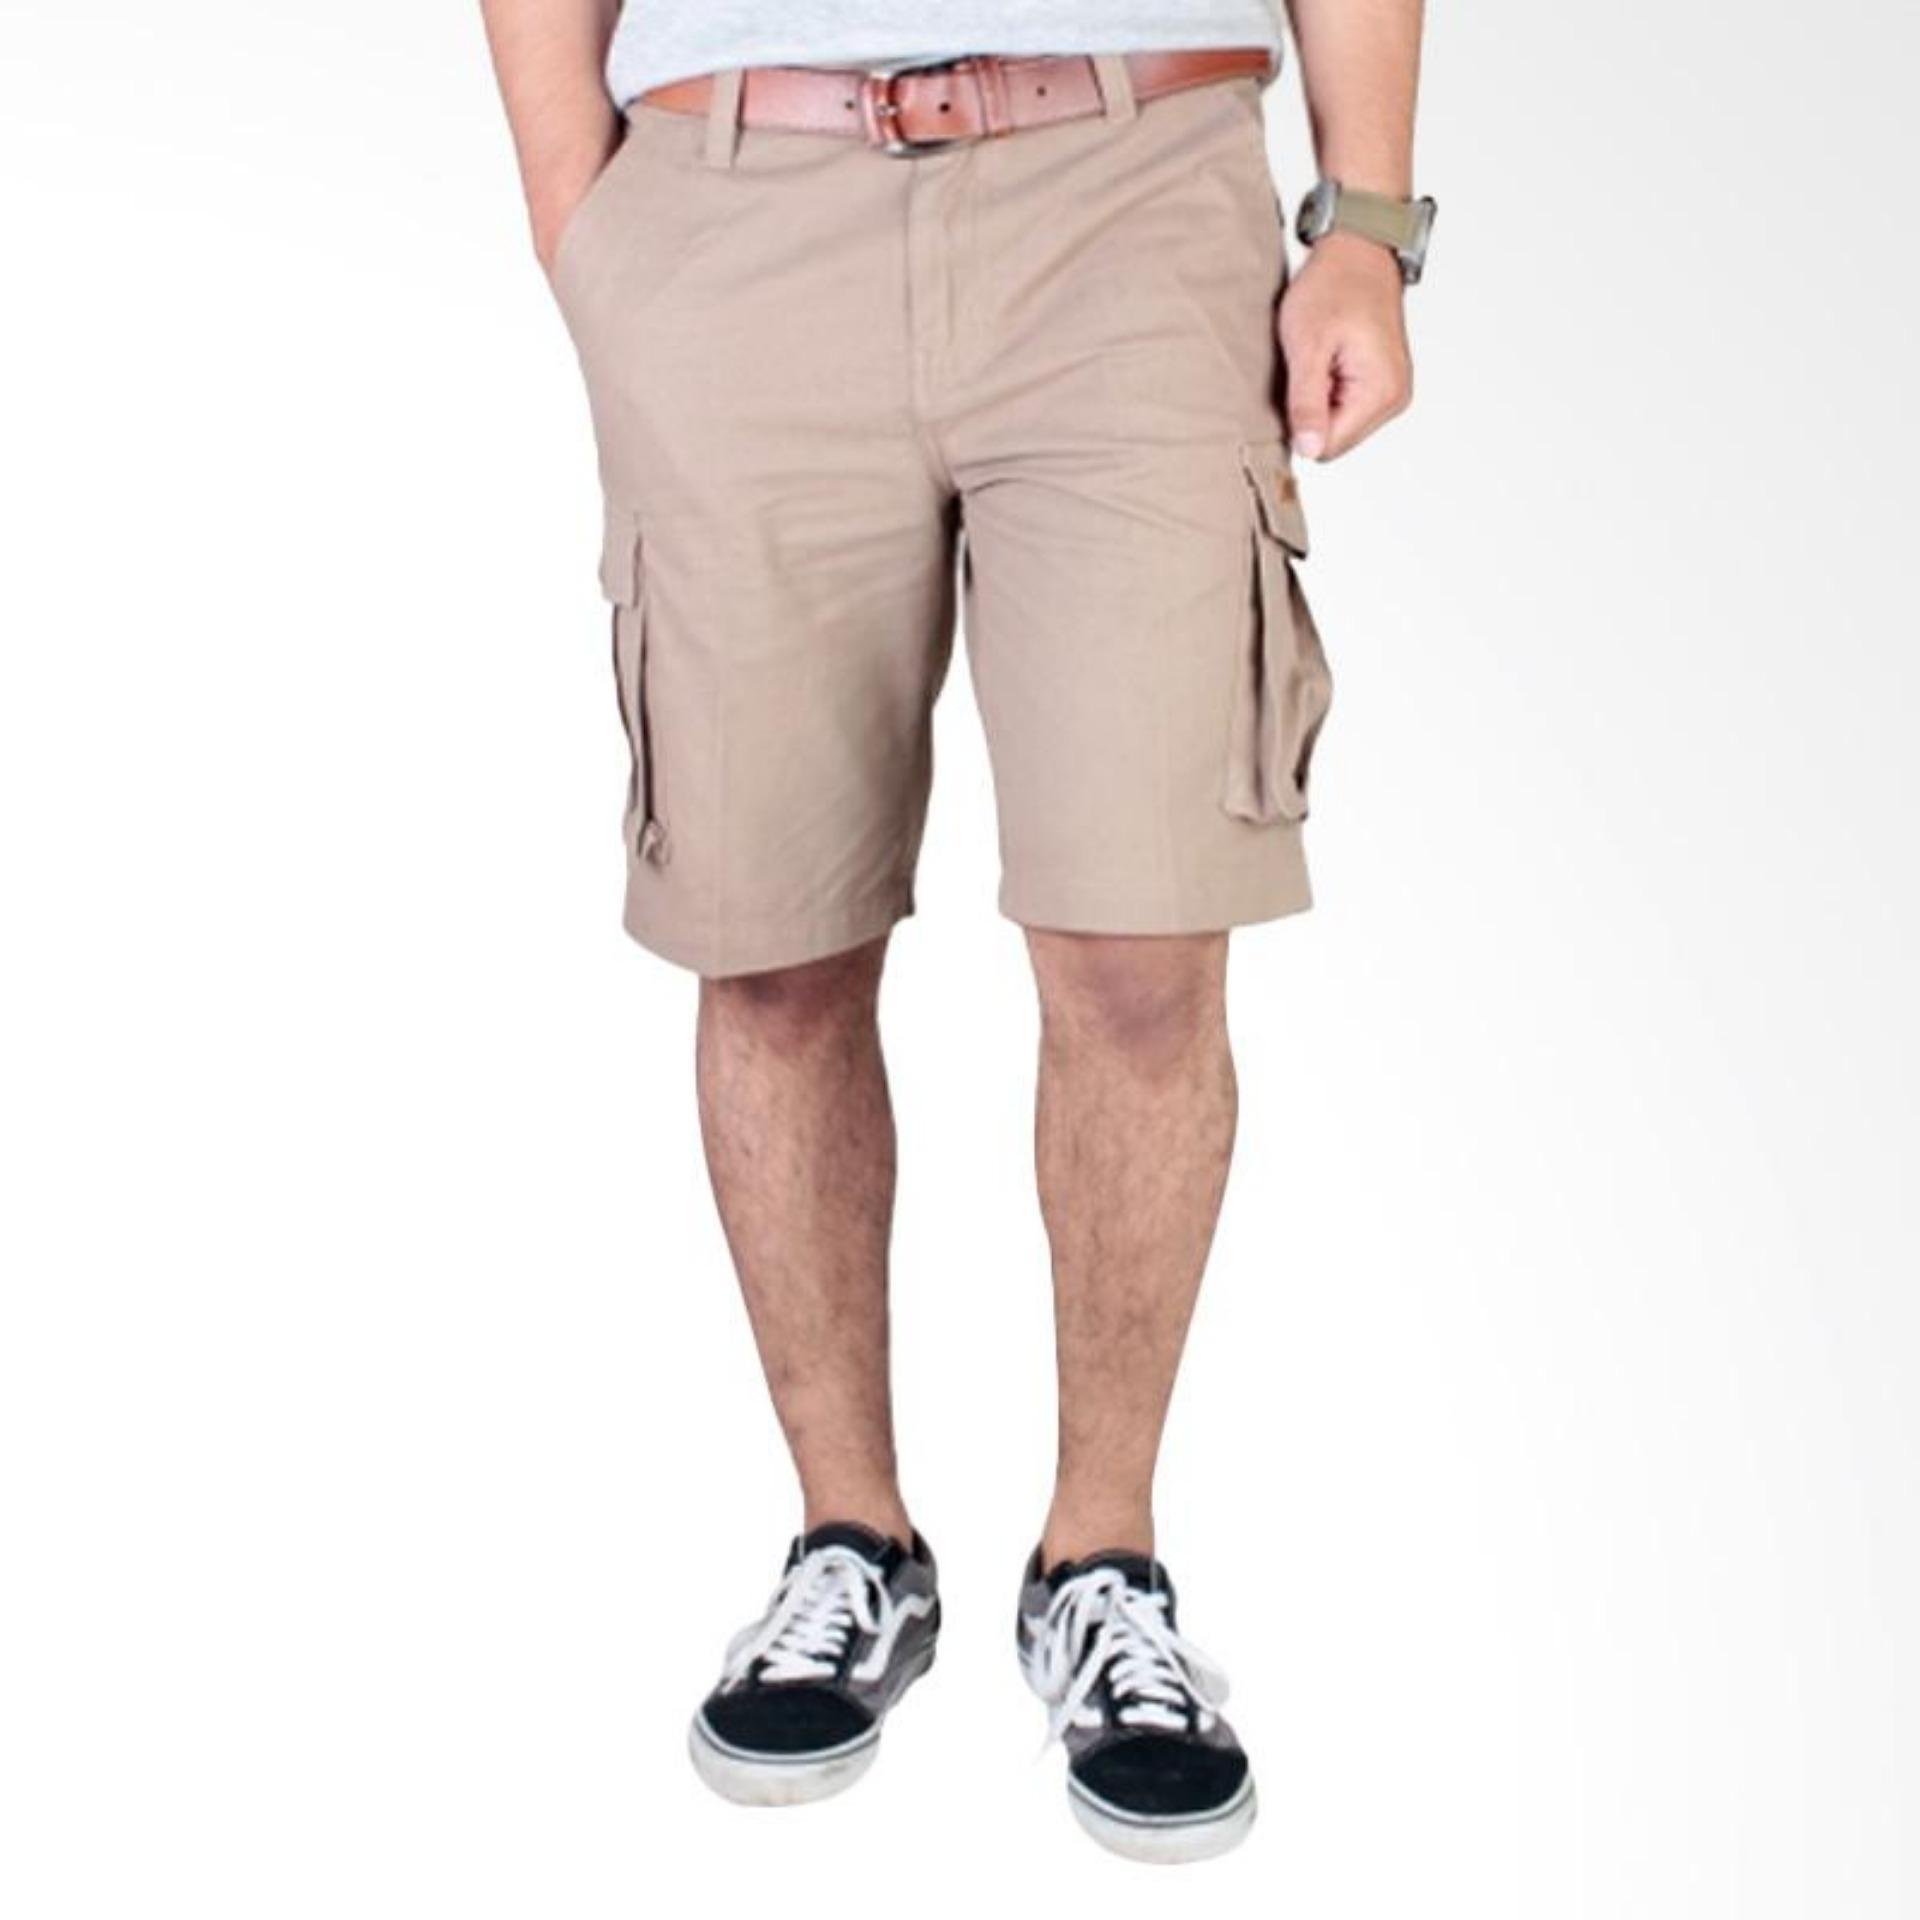 Beli Celana Cargo Pria Pendek Cream Yang Bagus